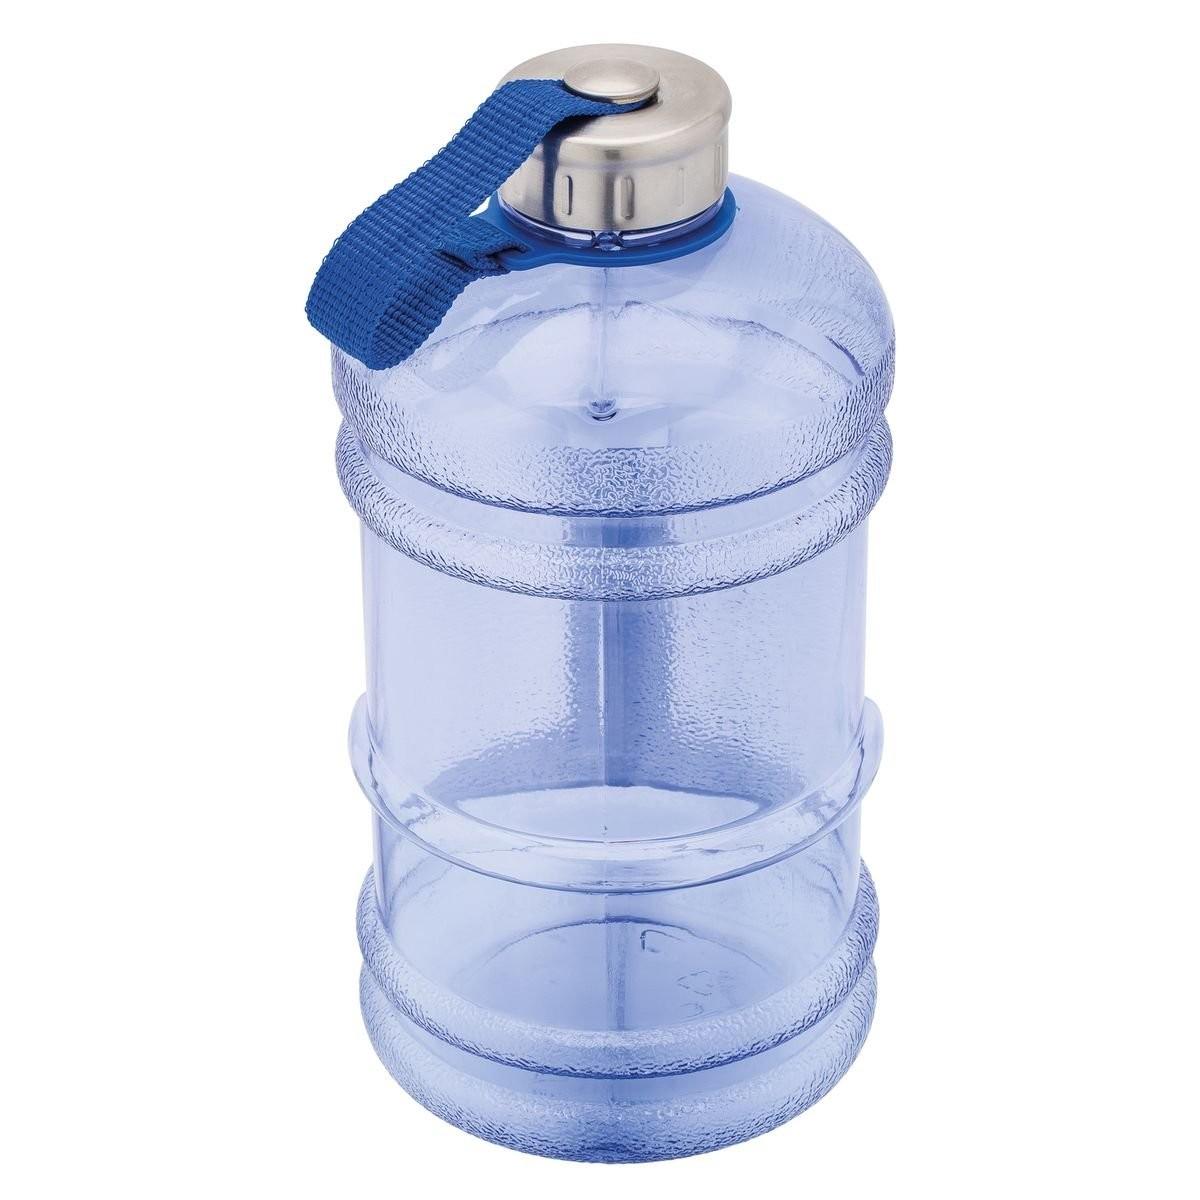 Fitnessflasche REFLECTS-KOUVOLA, Ansicht 9